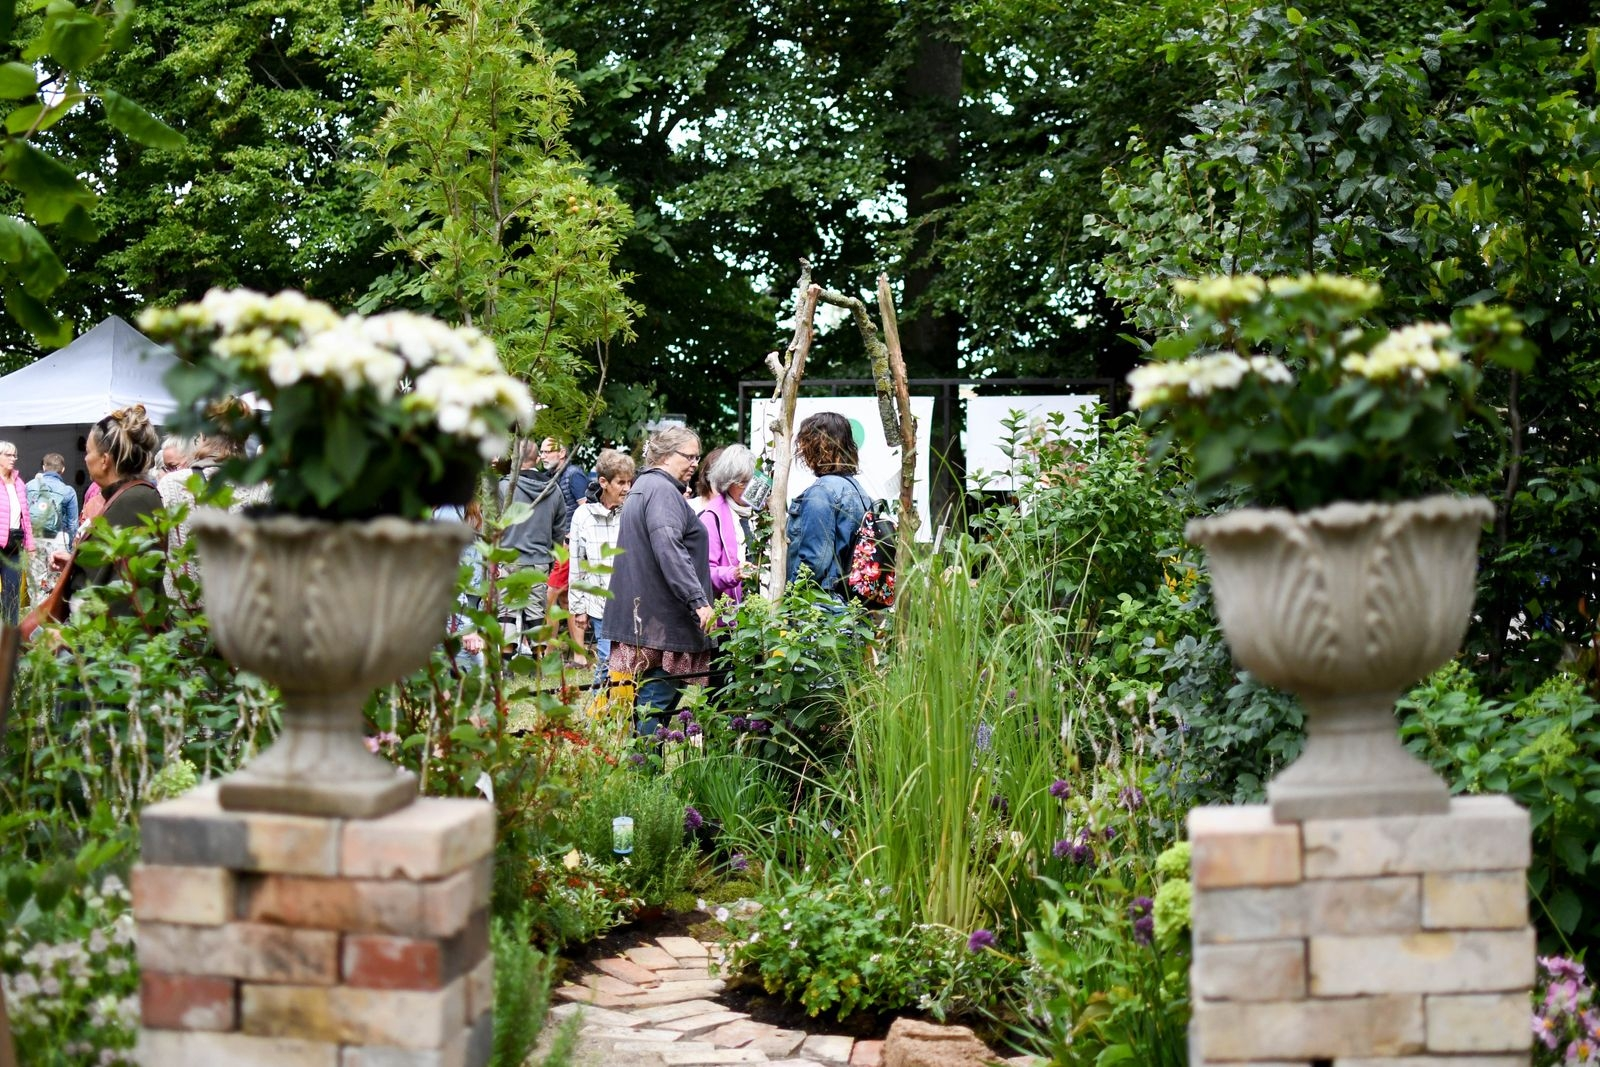 Skogsträdgårdens växter, Studio Dahlgren, med växter från Kiviks trädgård, och Systrarna Lindskogs trädgård & design (bilden) hade byggt upp varsin liten inspirationsträdgård på mässområdet.